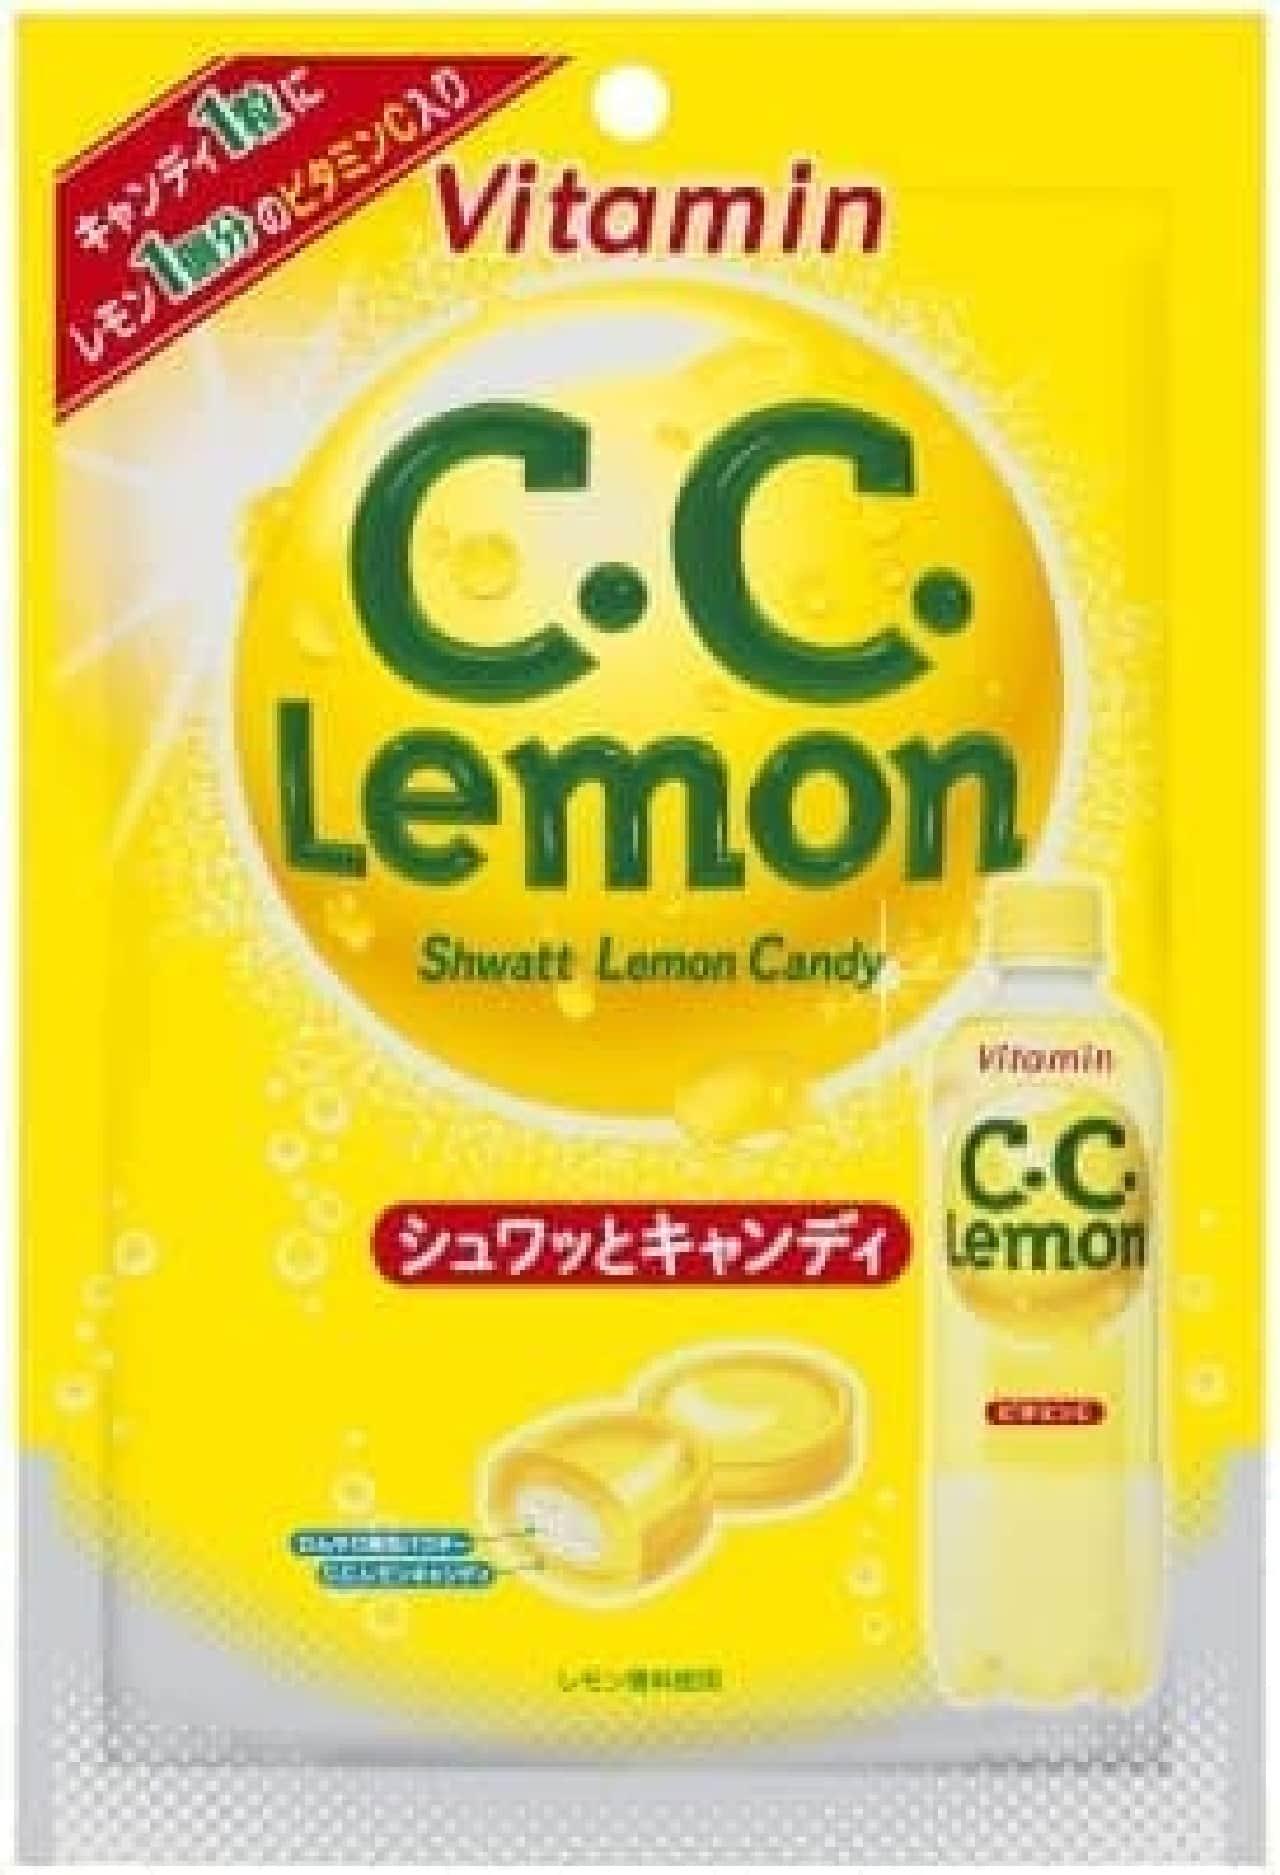 1粒にレモン1個分のビタミン C 入り